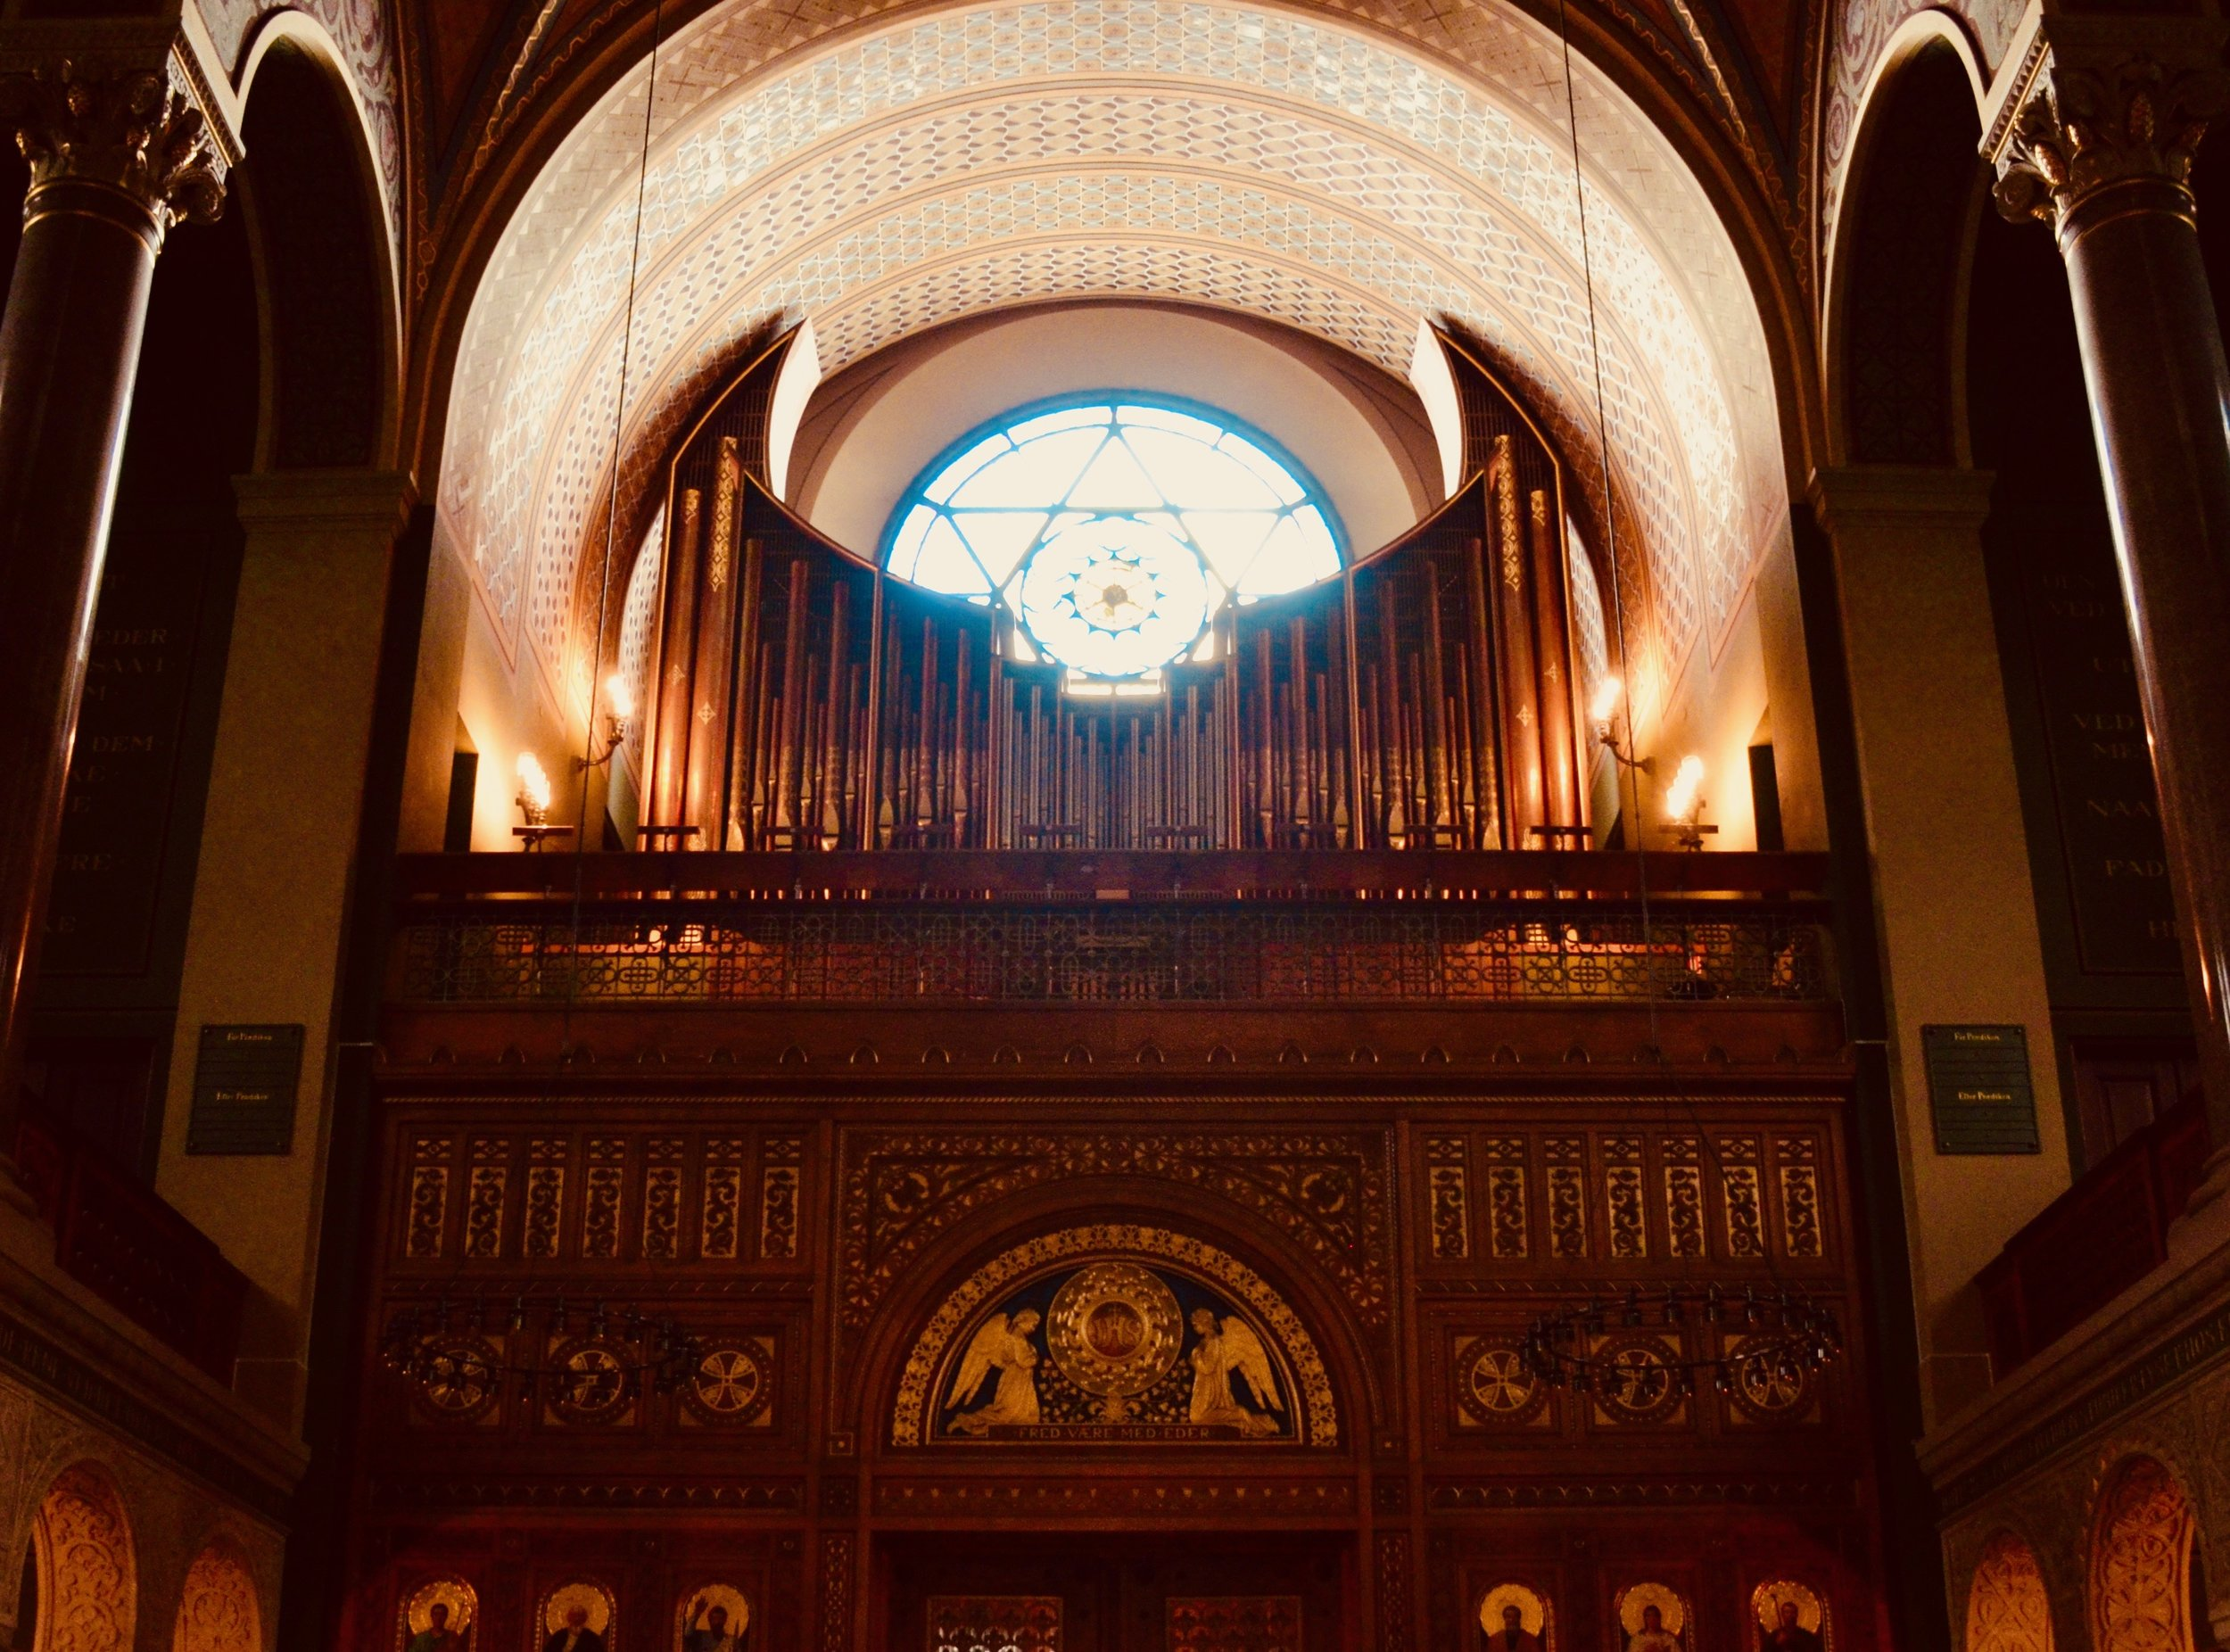 The modern rear-gallery organ in Jesuskirke, Copenhagen.